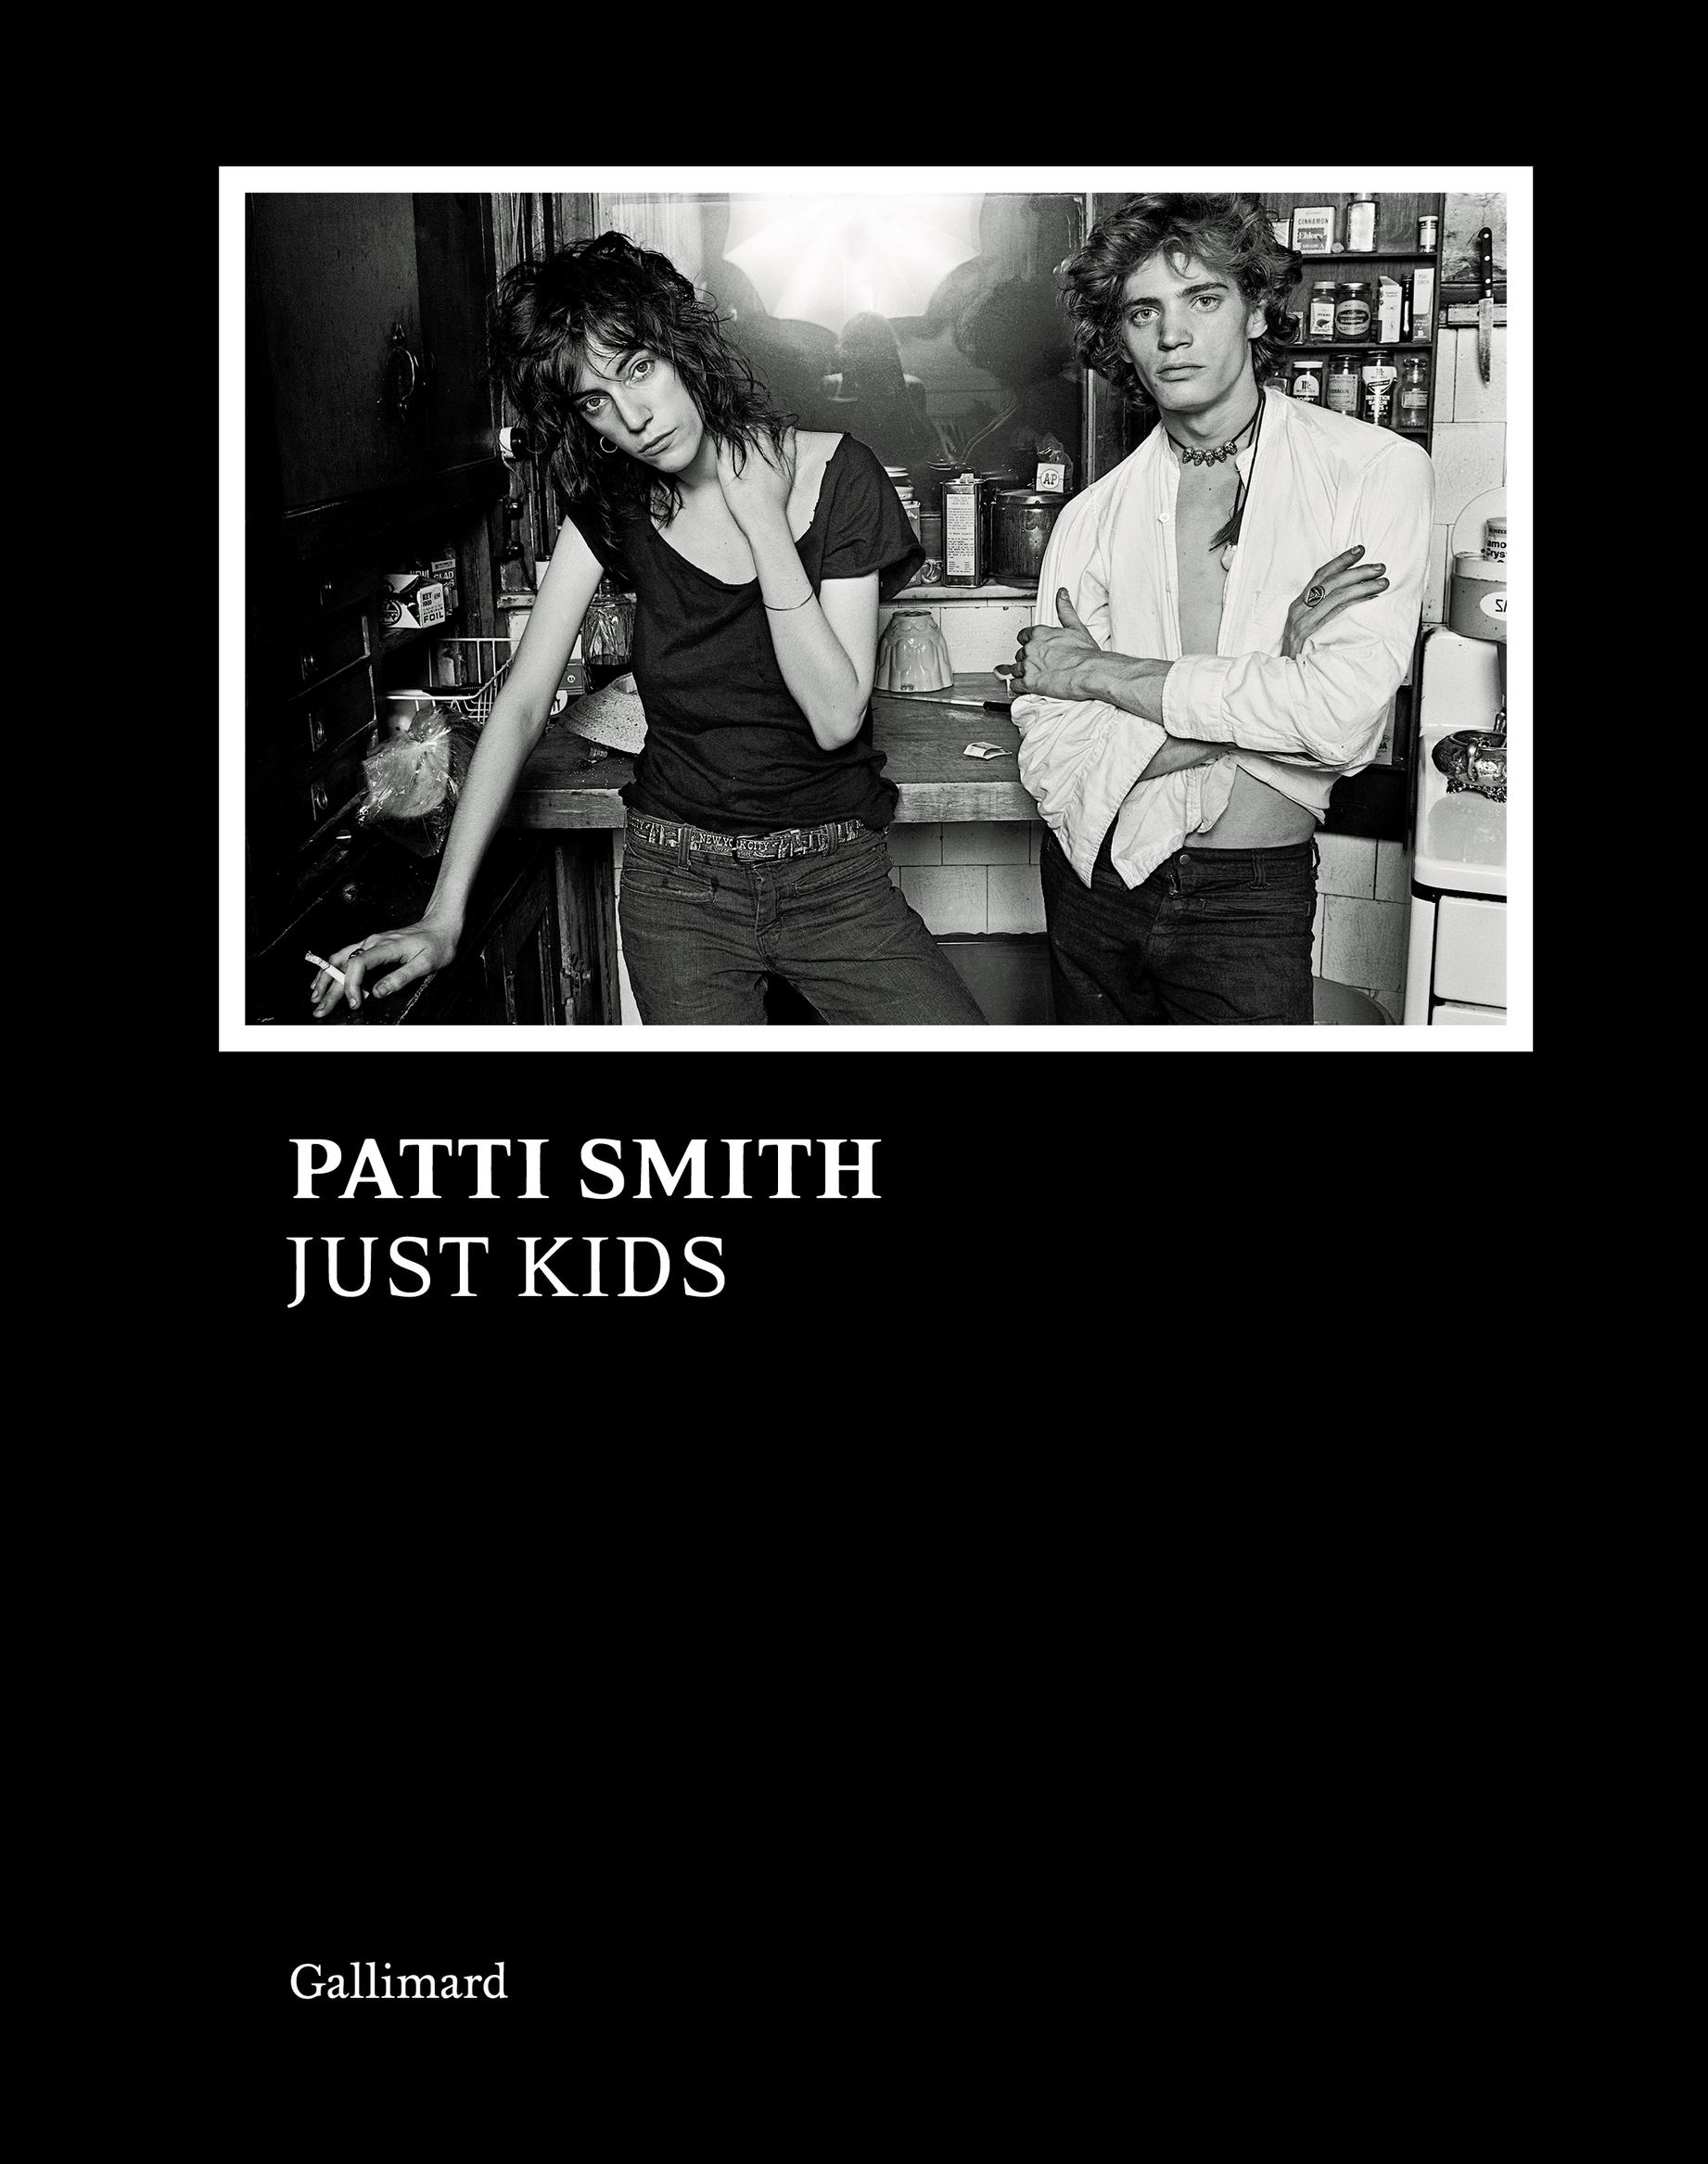 JUST KIDS (EDITION ILLUSTREE)